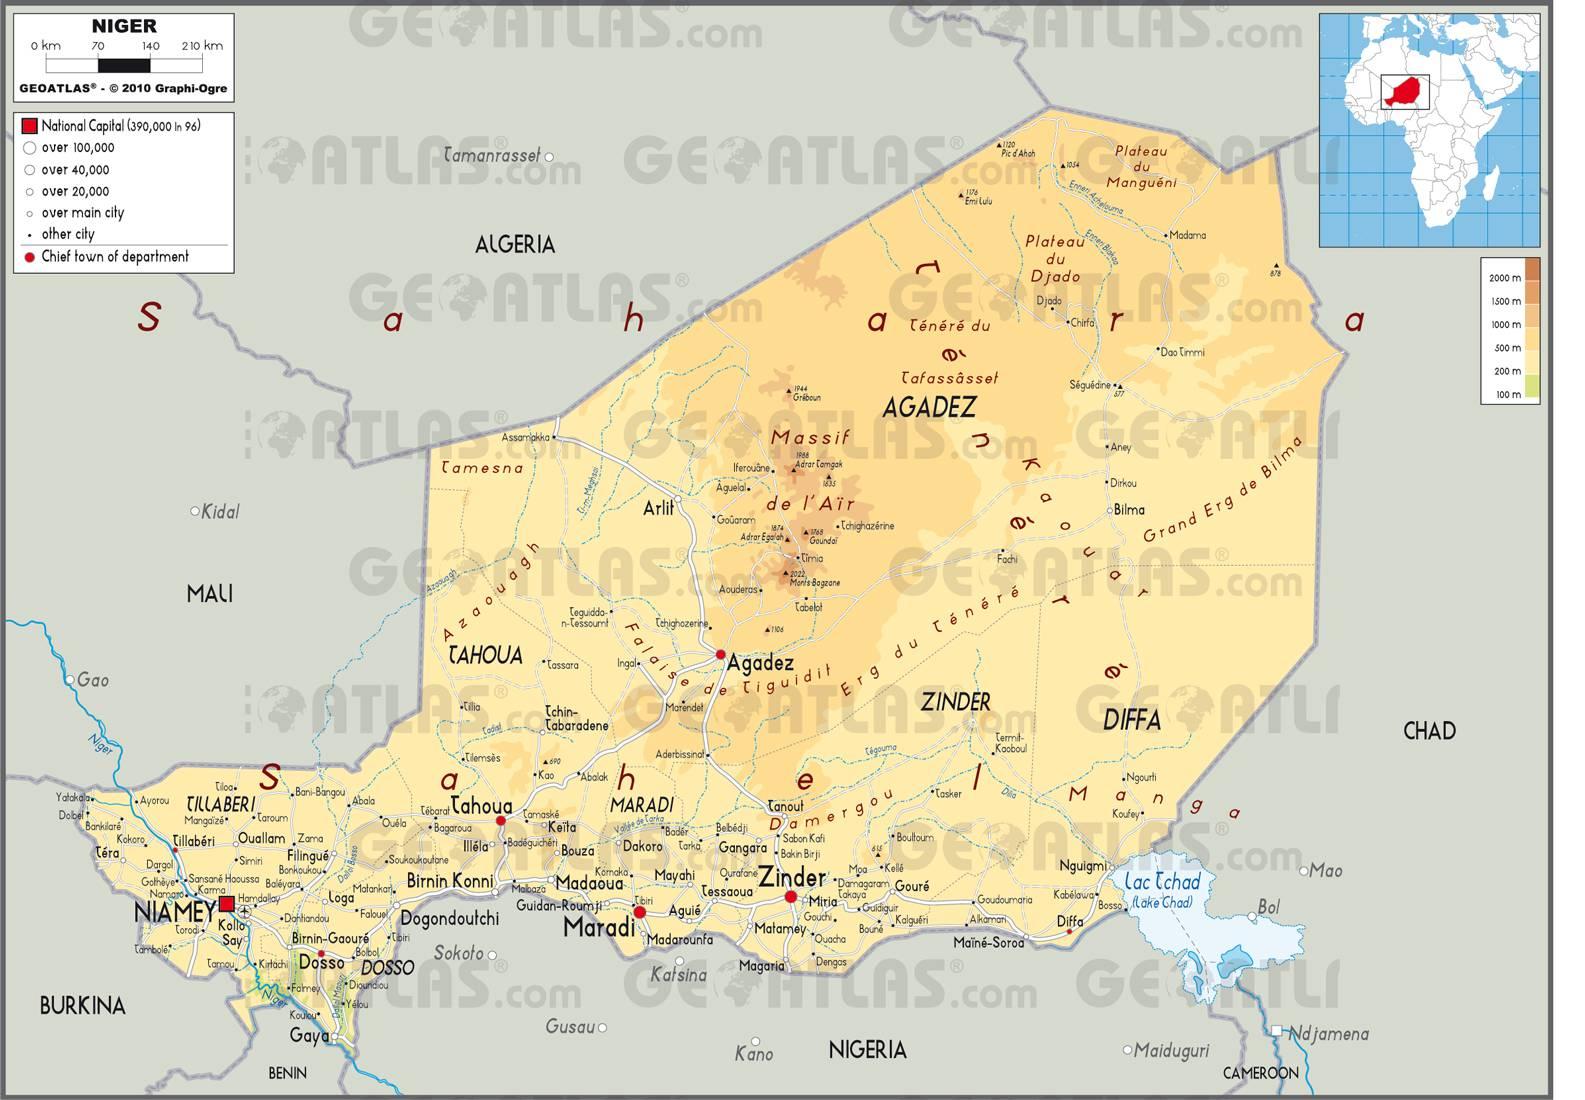 Carte géographique du Niger